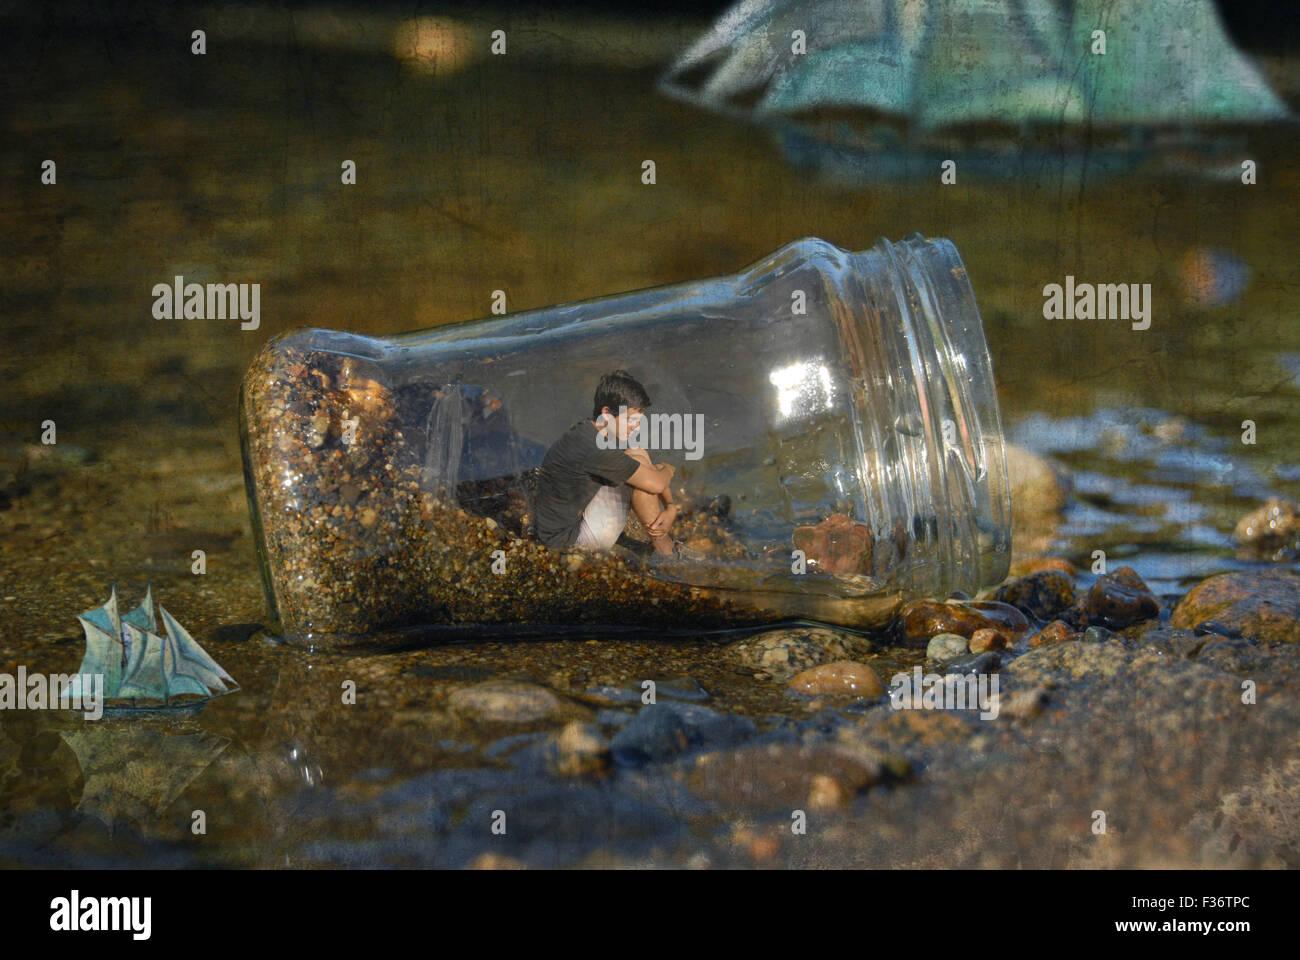 Ragazzo all'interno di una bottiglia grande in mezzo all'acqua Immagini Stock